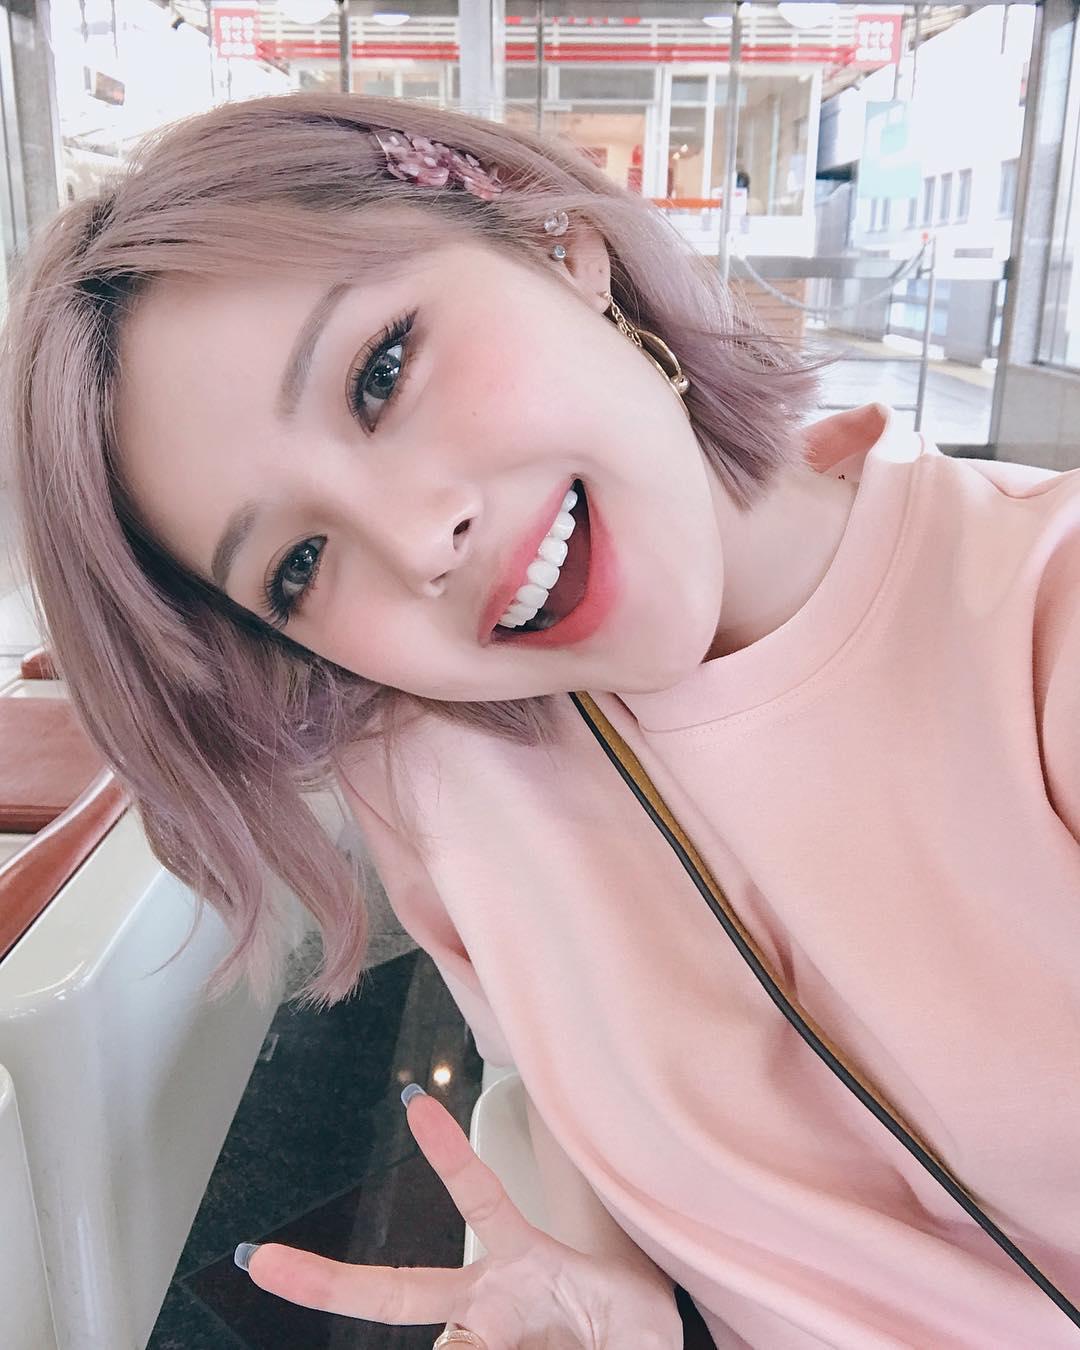 Xinh là một chuyện, các hot girl châu Á còn chăm áp dụng 5 bí kíp makeup này để có ảnh selfie thật ảo - Ảnh 5.